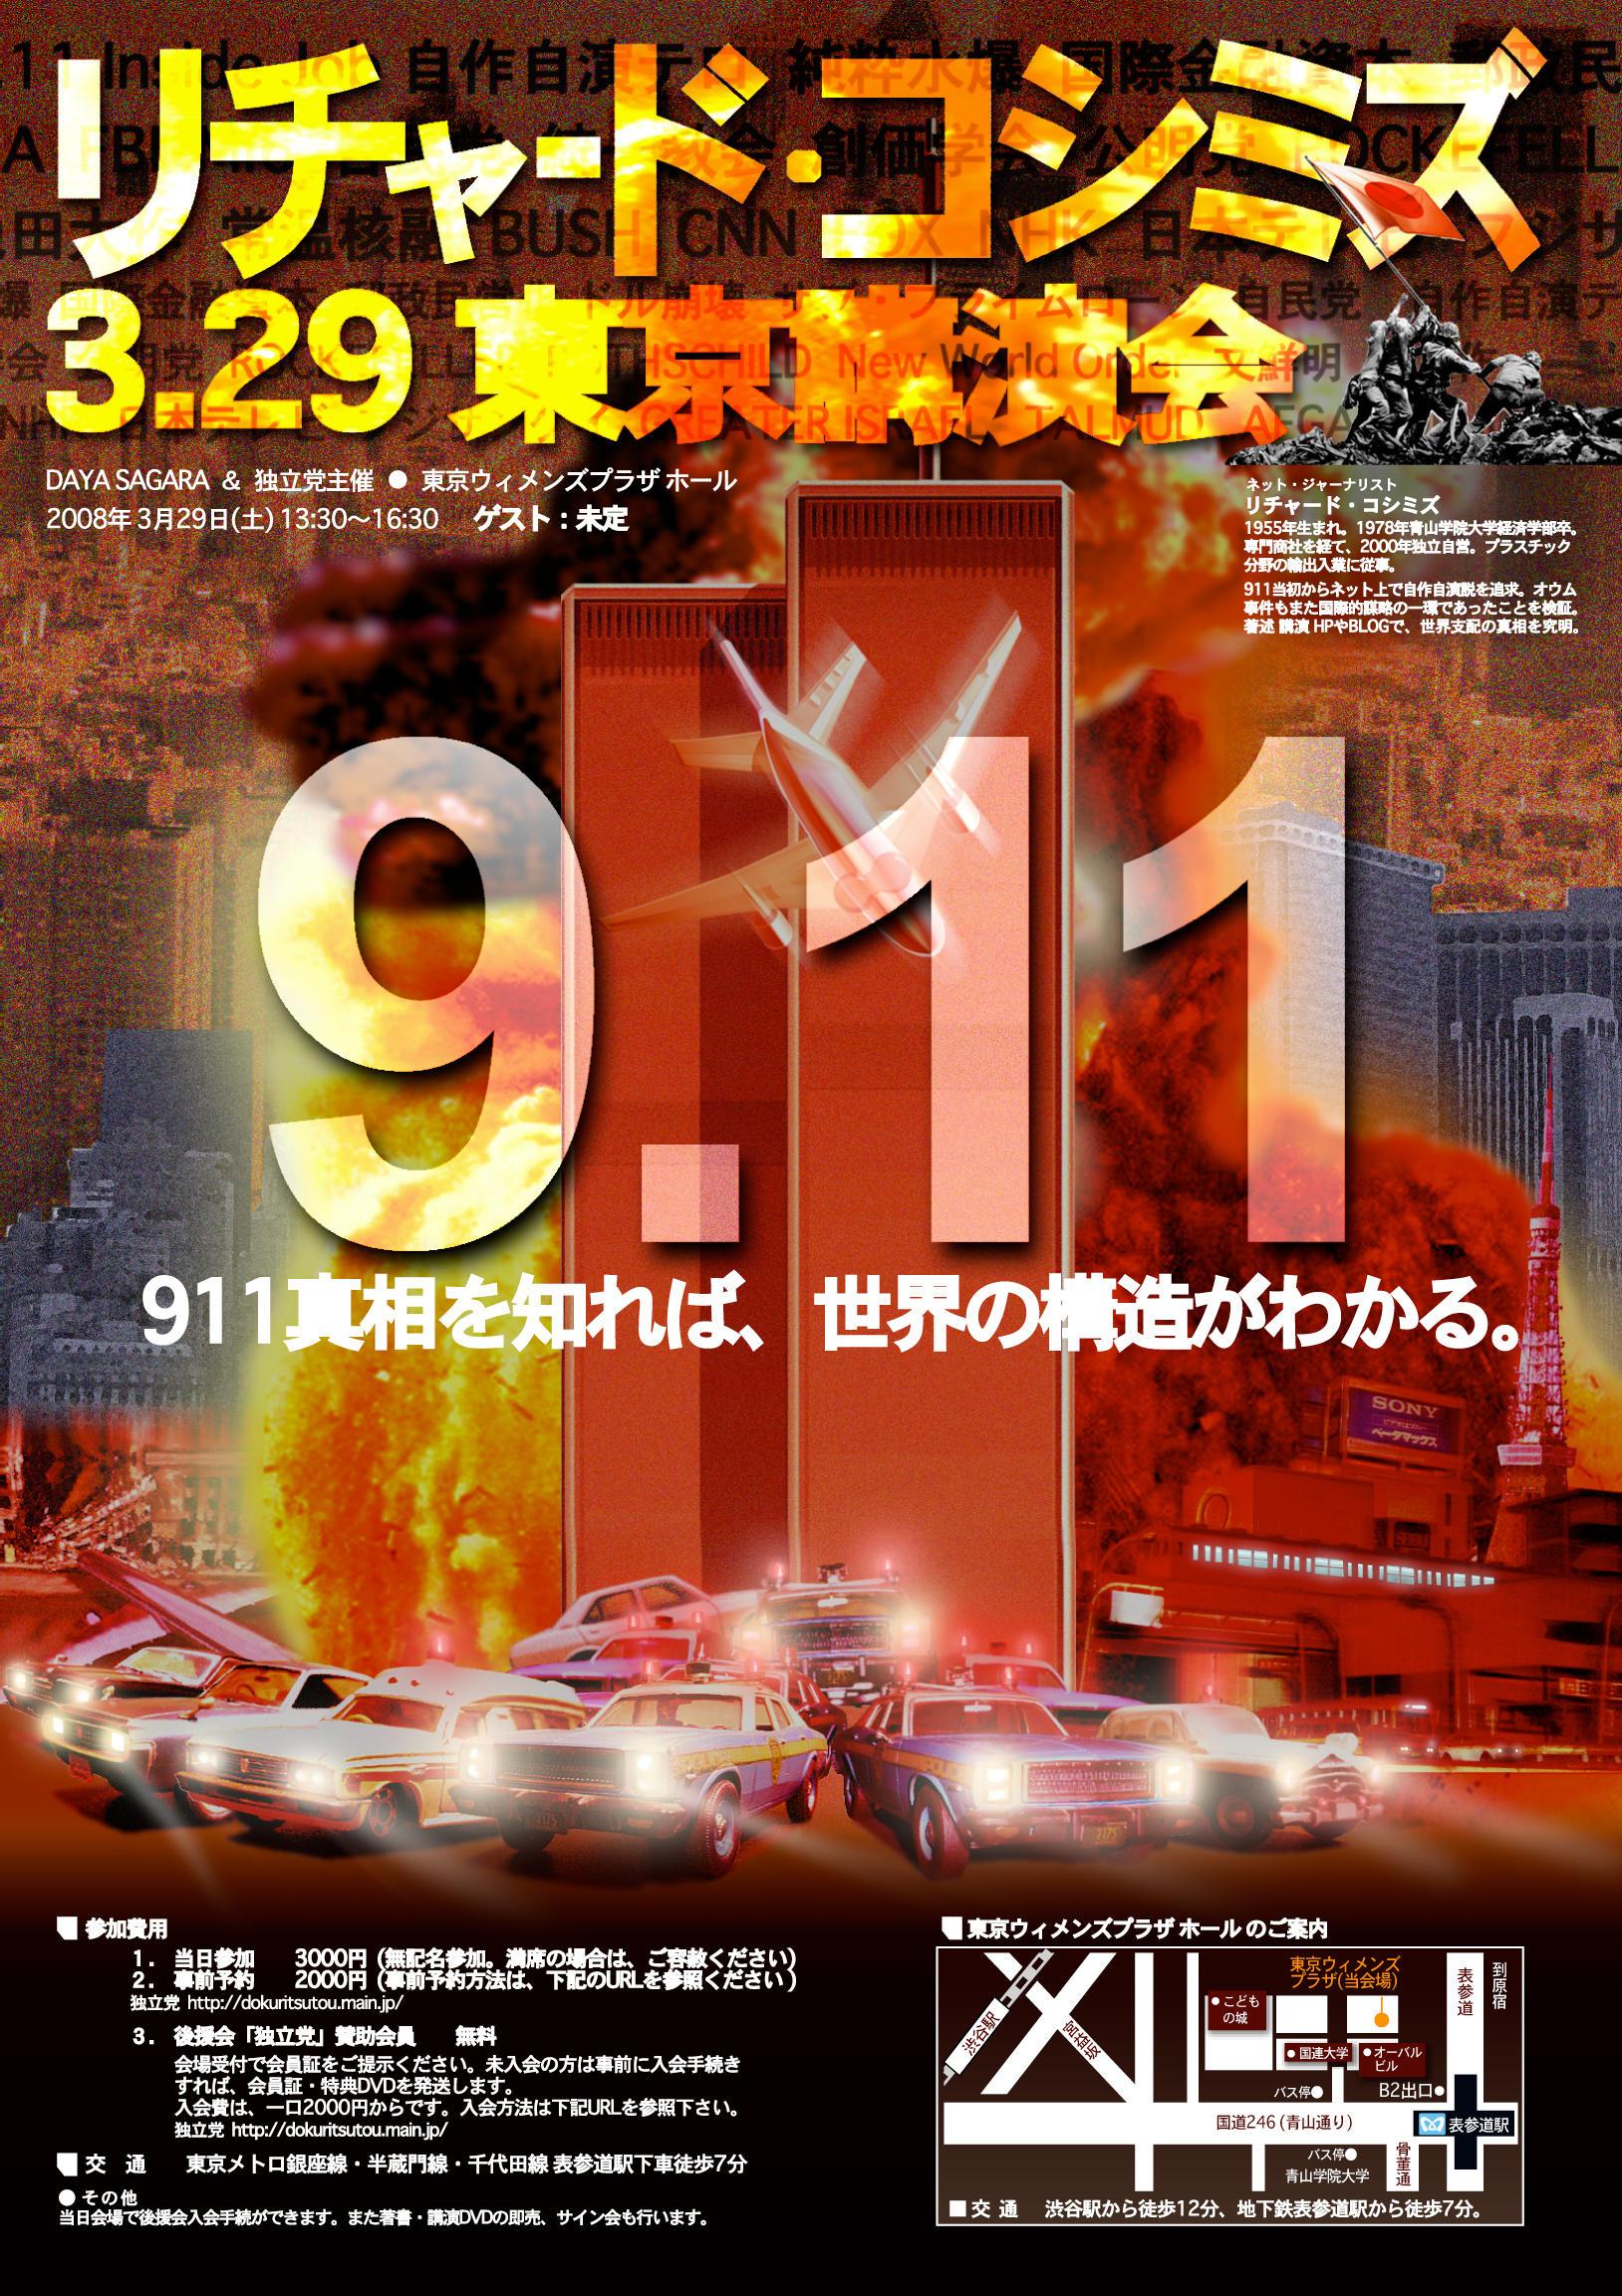 3月29日東京青山講演会「911真相を知れば、世界の構造がわかる」